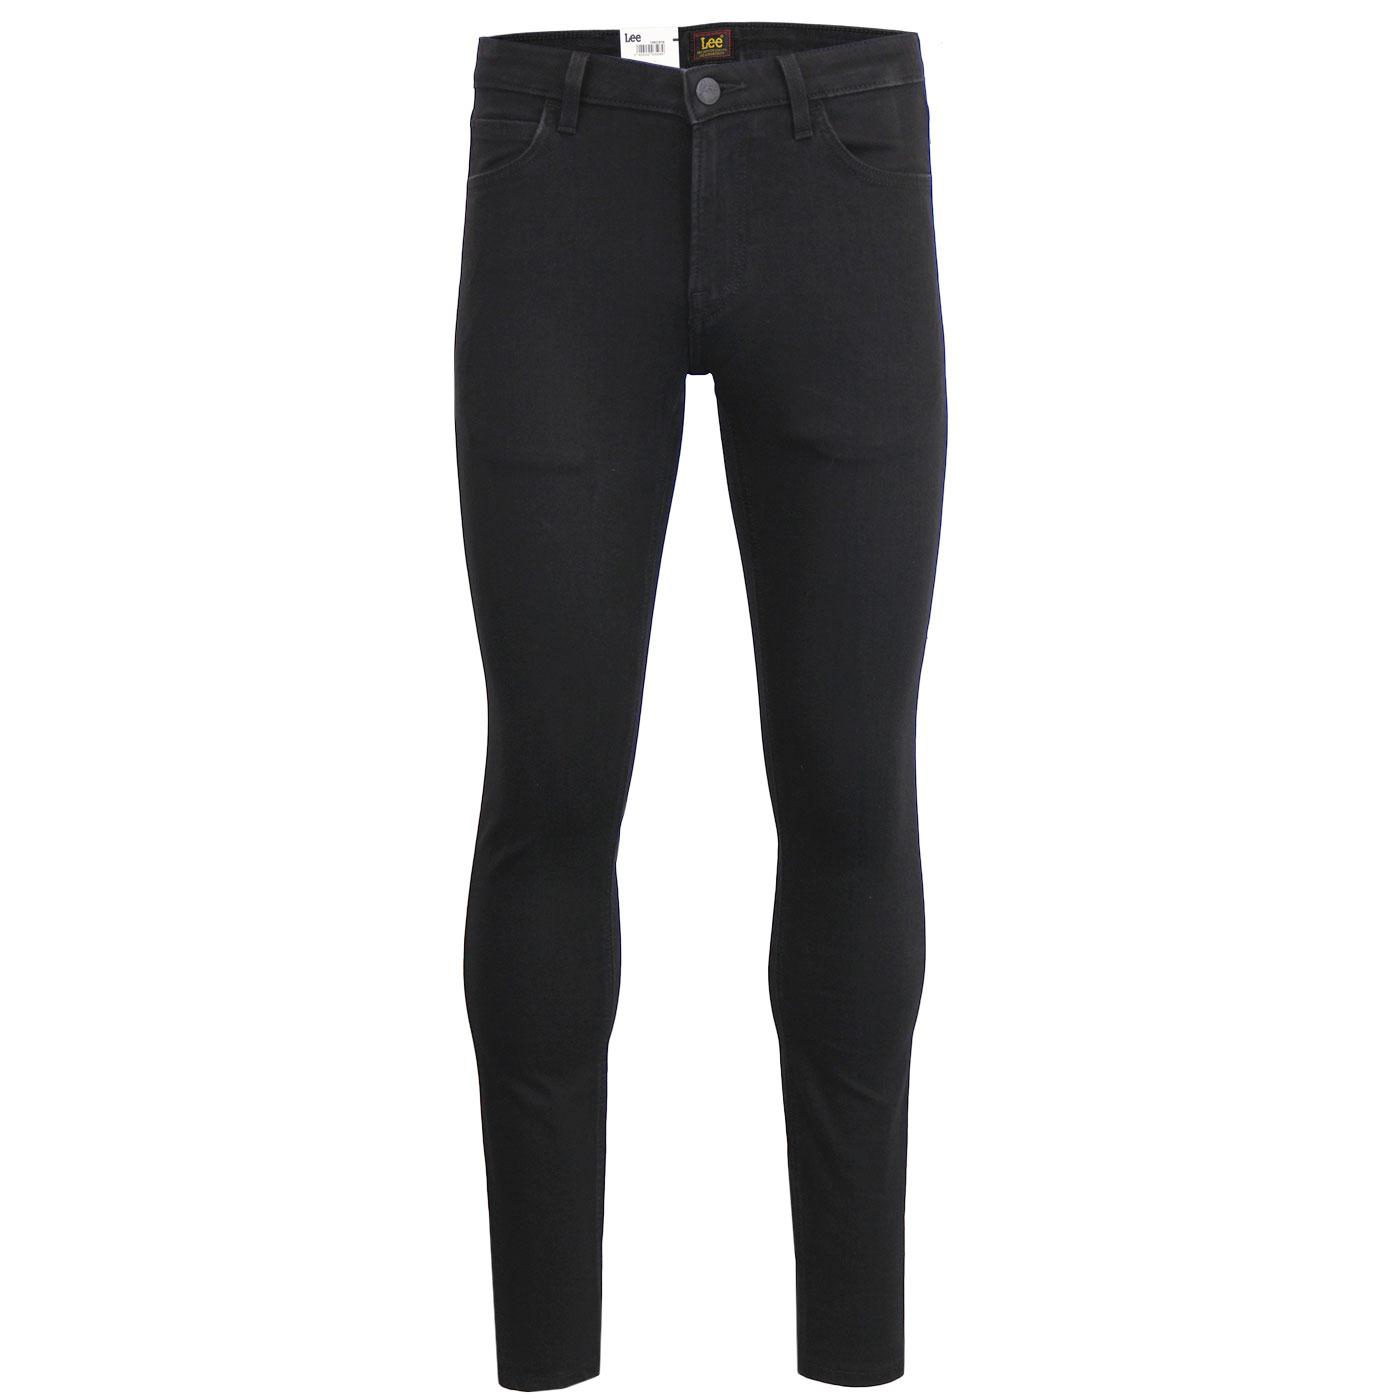 Malone LEE Men's Retro Skinny Denim Jeans (Black)